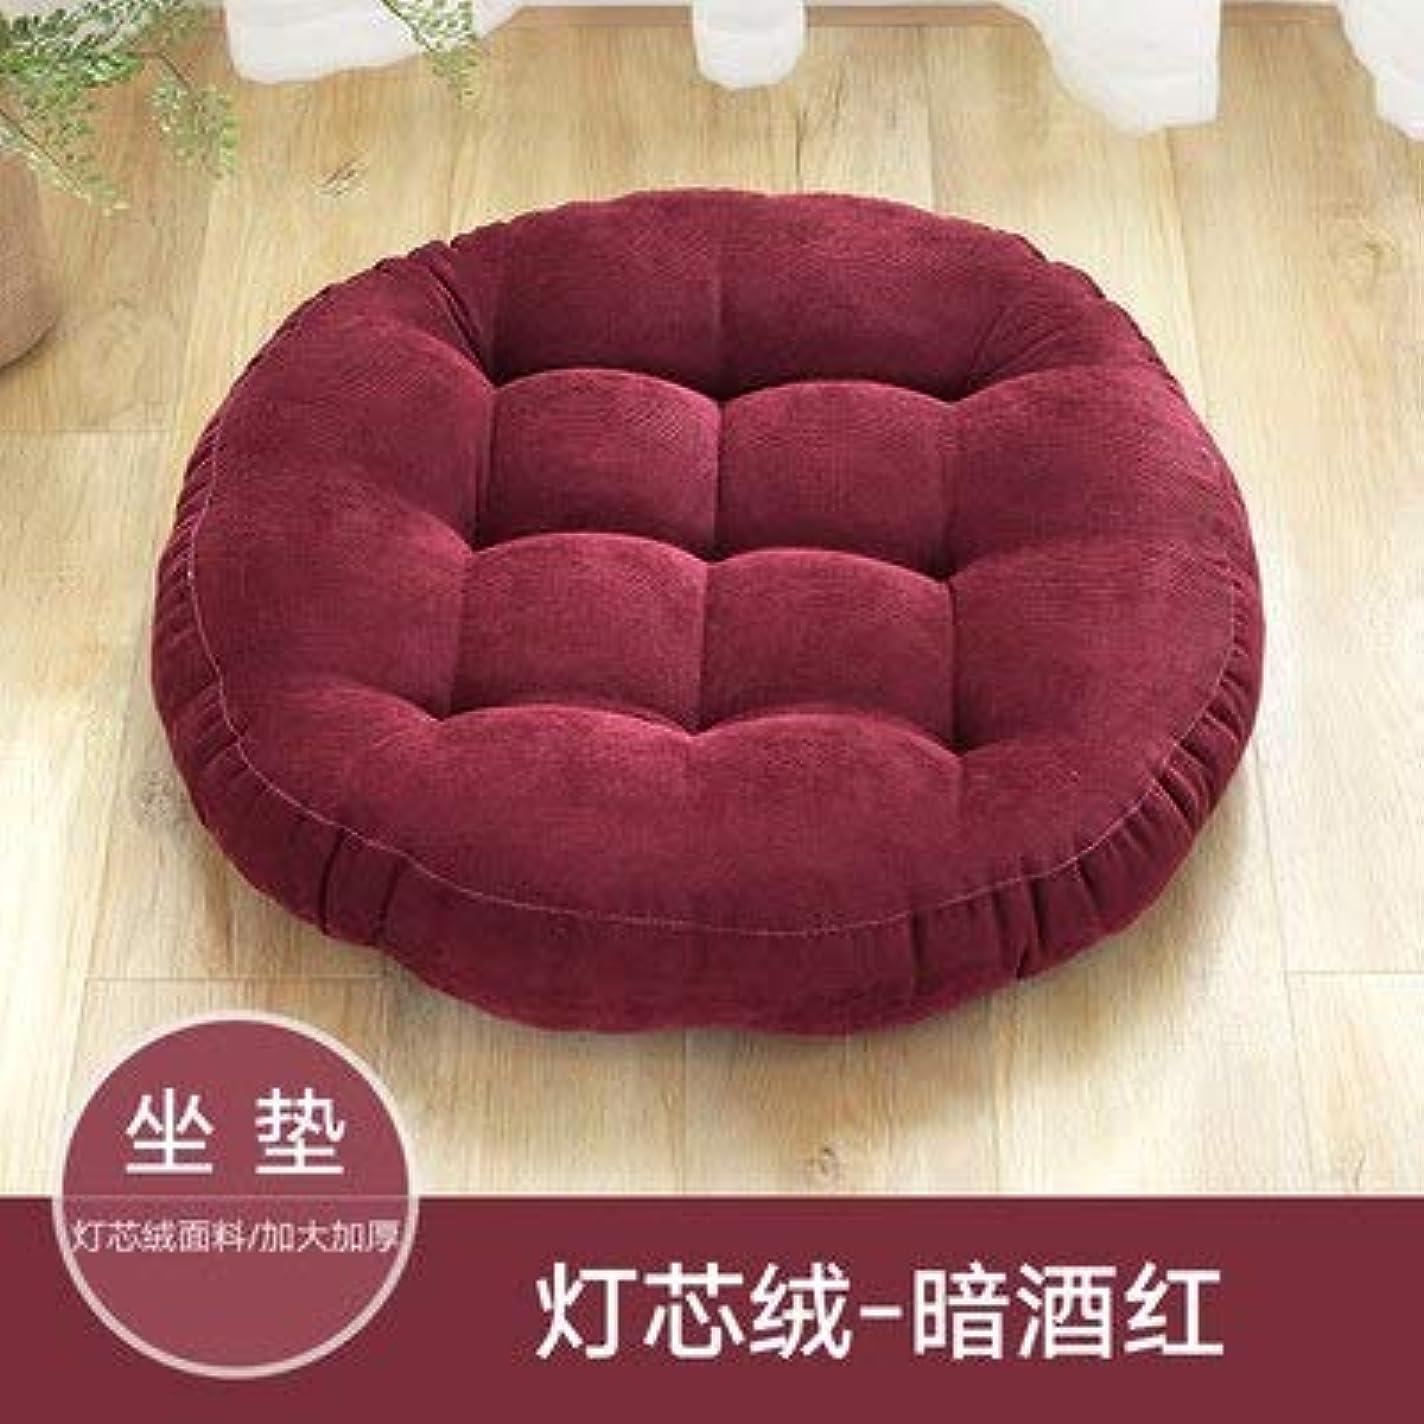 悲観的倍率ノミネートLIFE ラウンド厚い椅子のクッションフロアマットレスシートパッドソフトホームオフィスチェアクッションマットソフトスロー枕最高品質の床クッション クッション 椅子